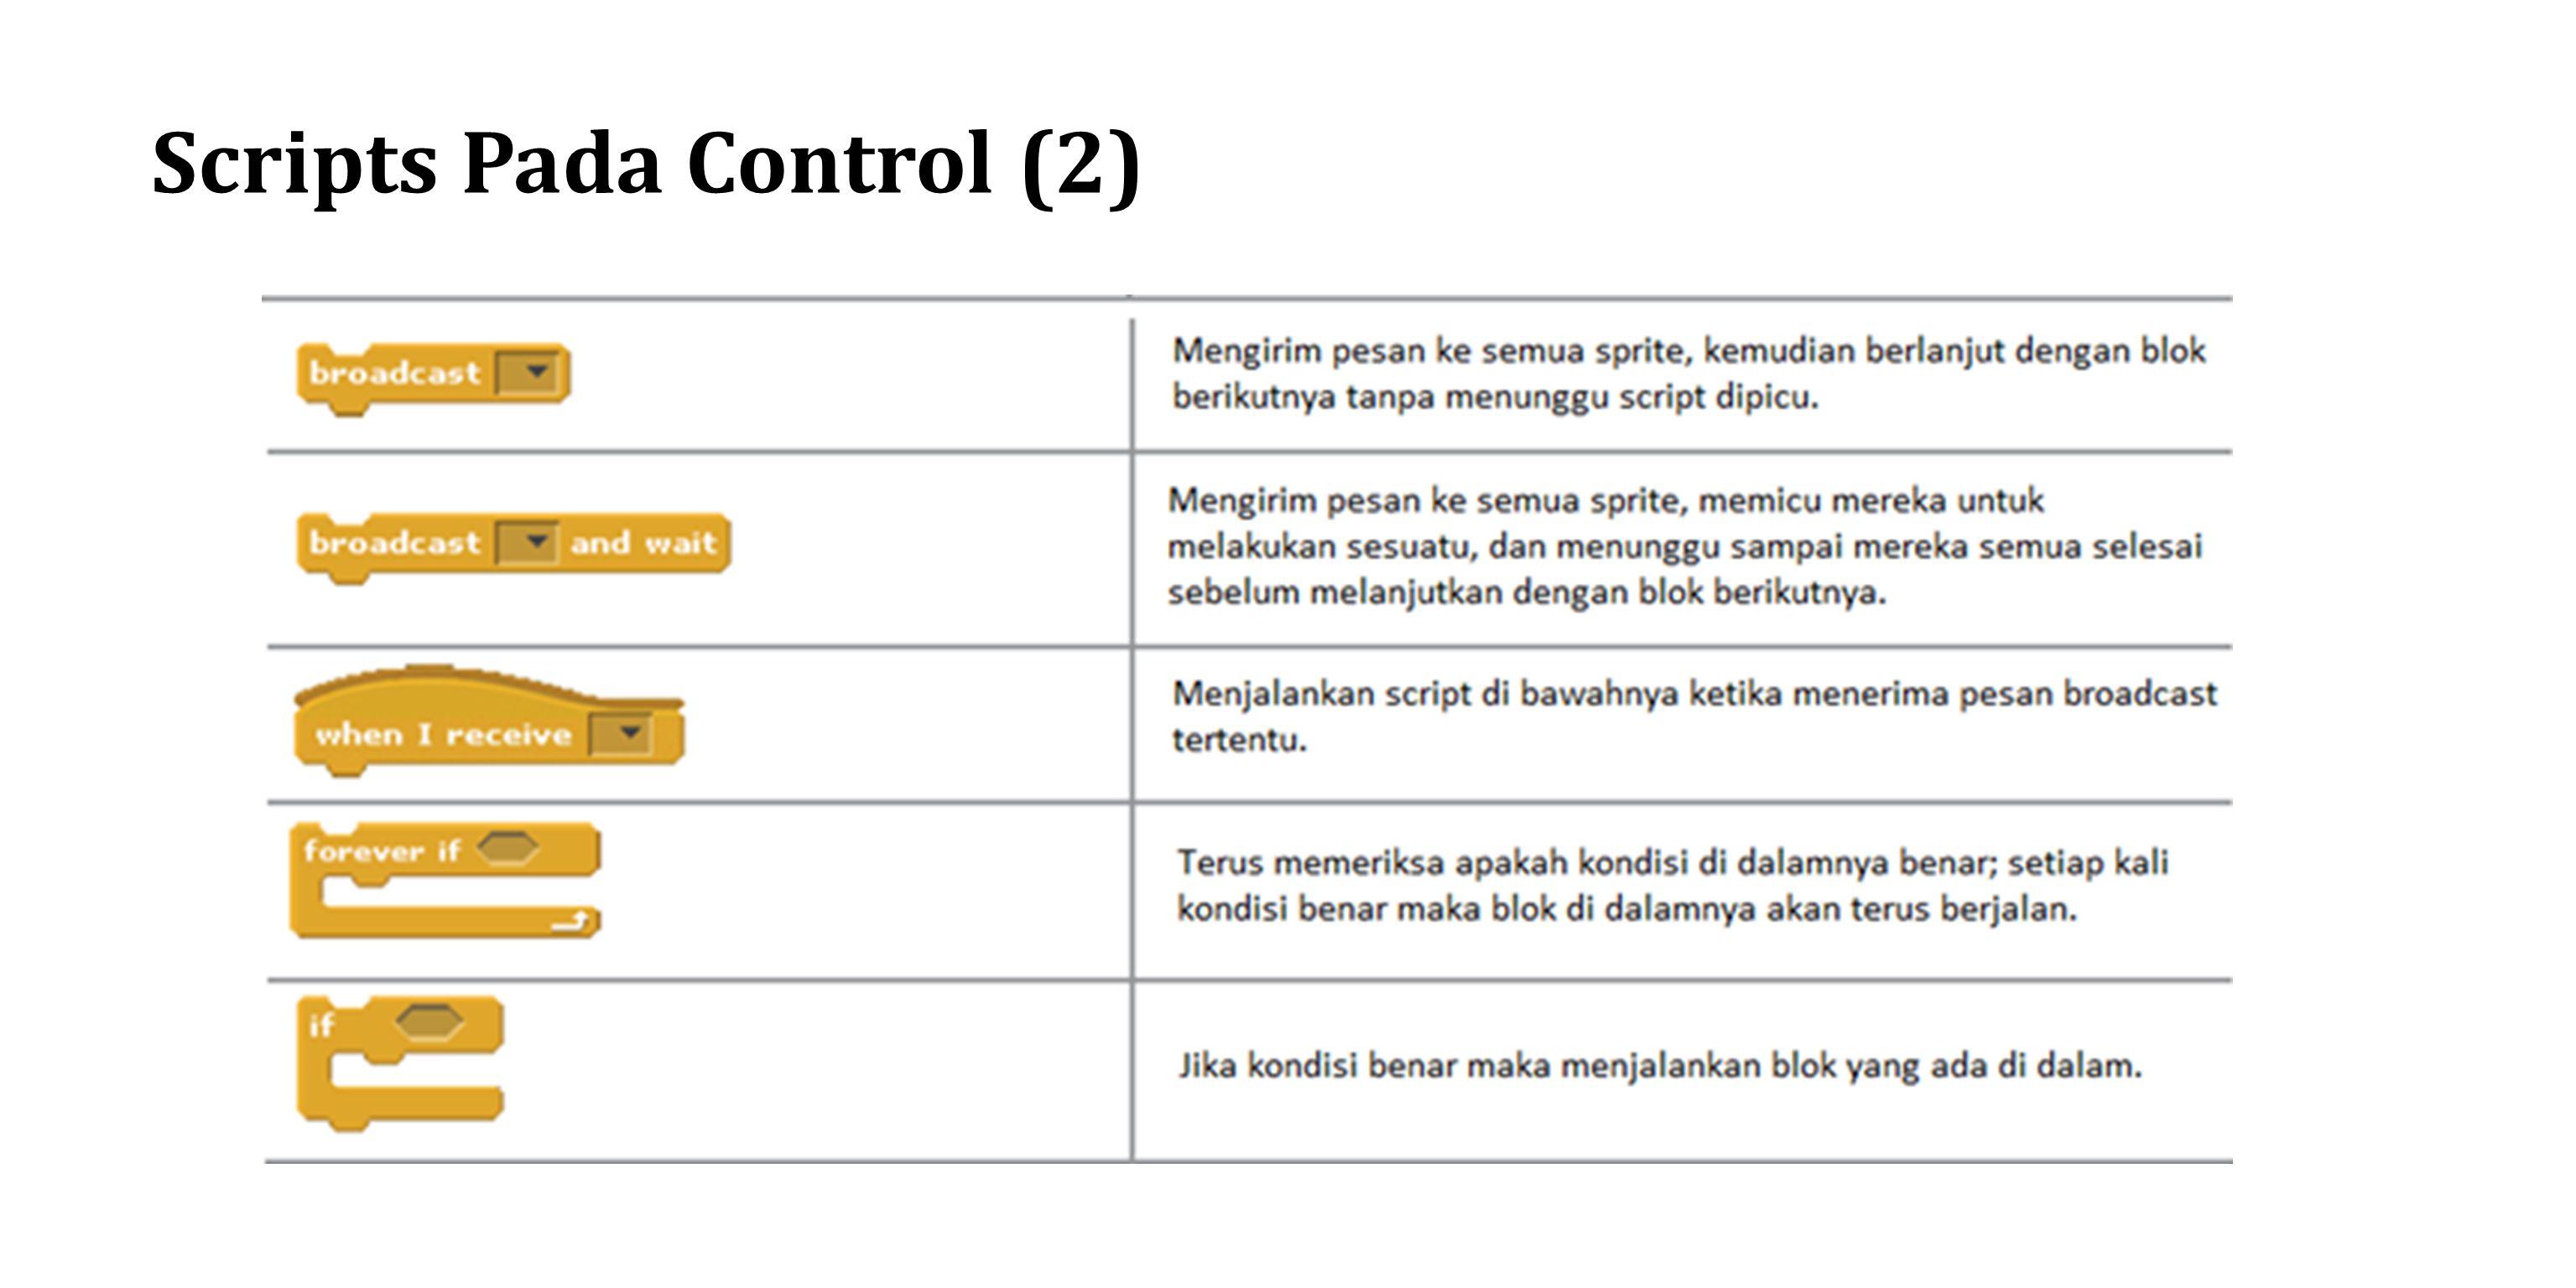 Scripts Pada Control (2)